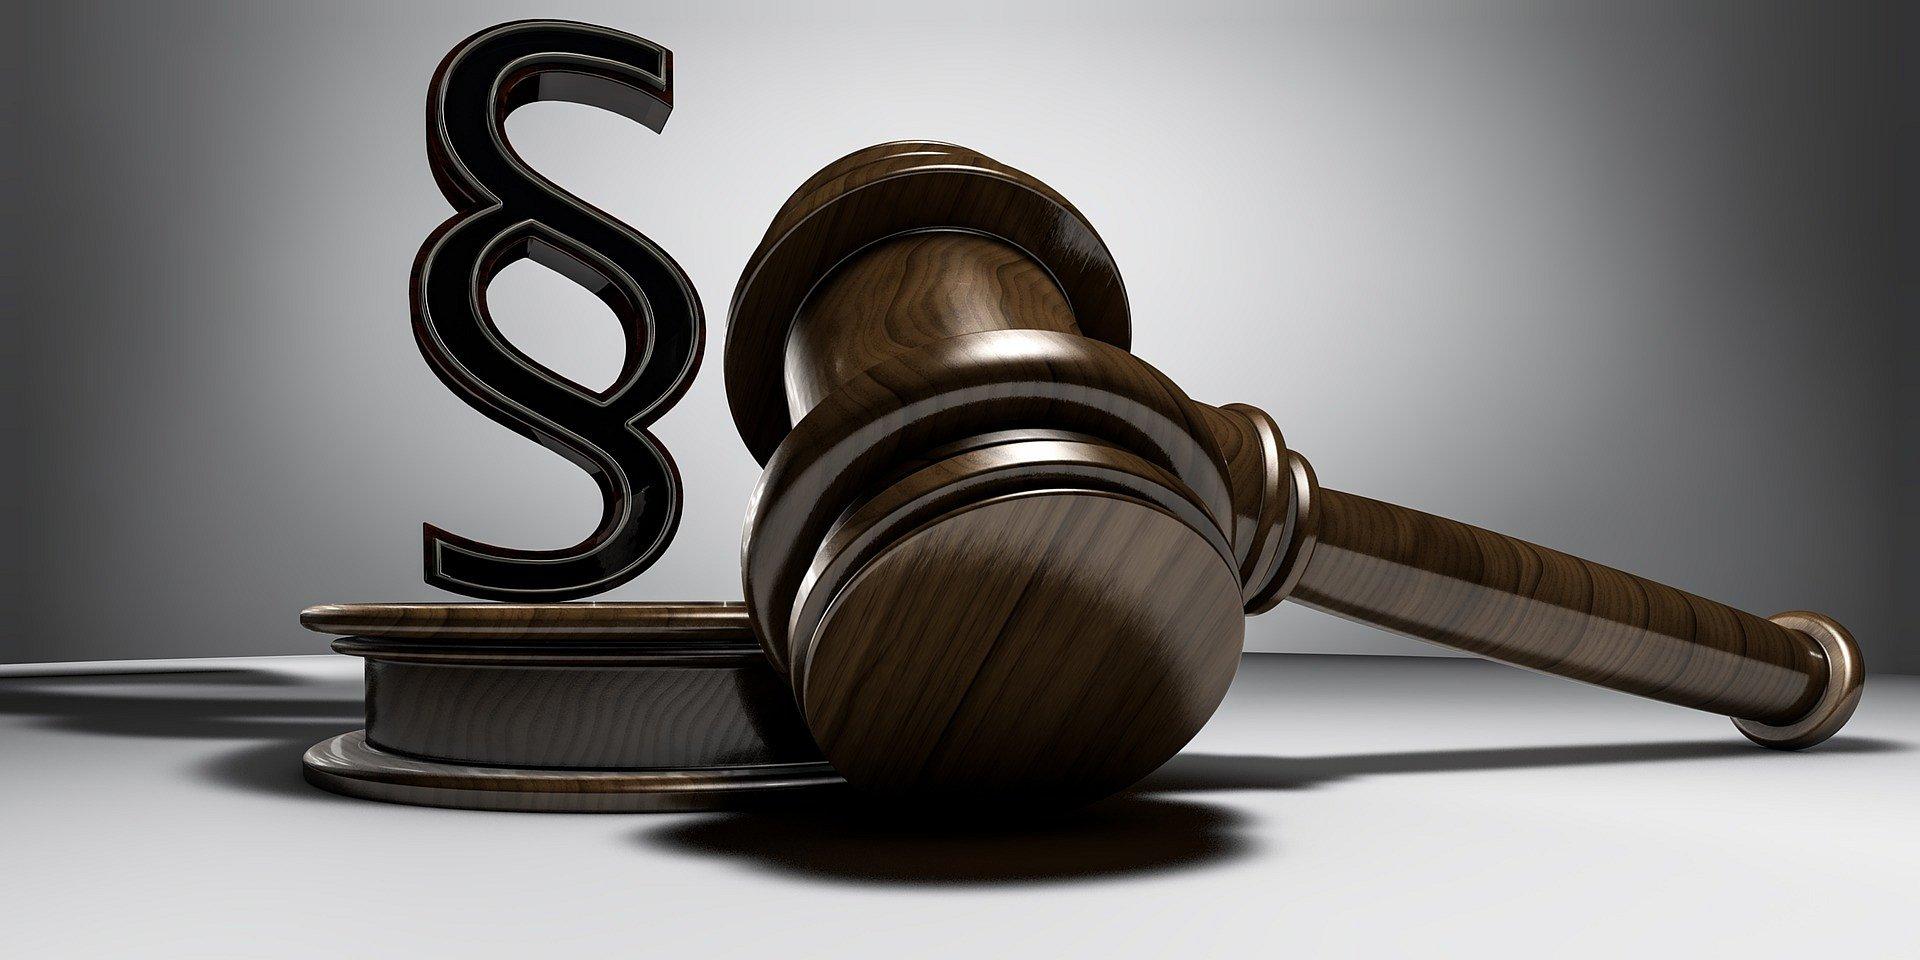 Ustawa o zawodzie nie w tej kadencji